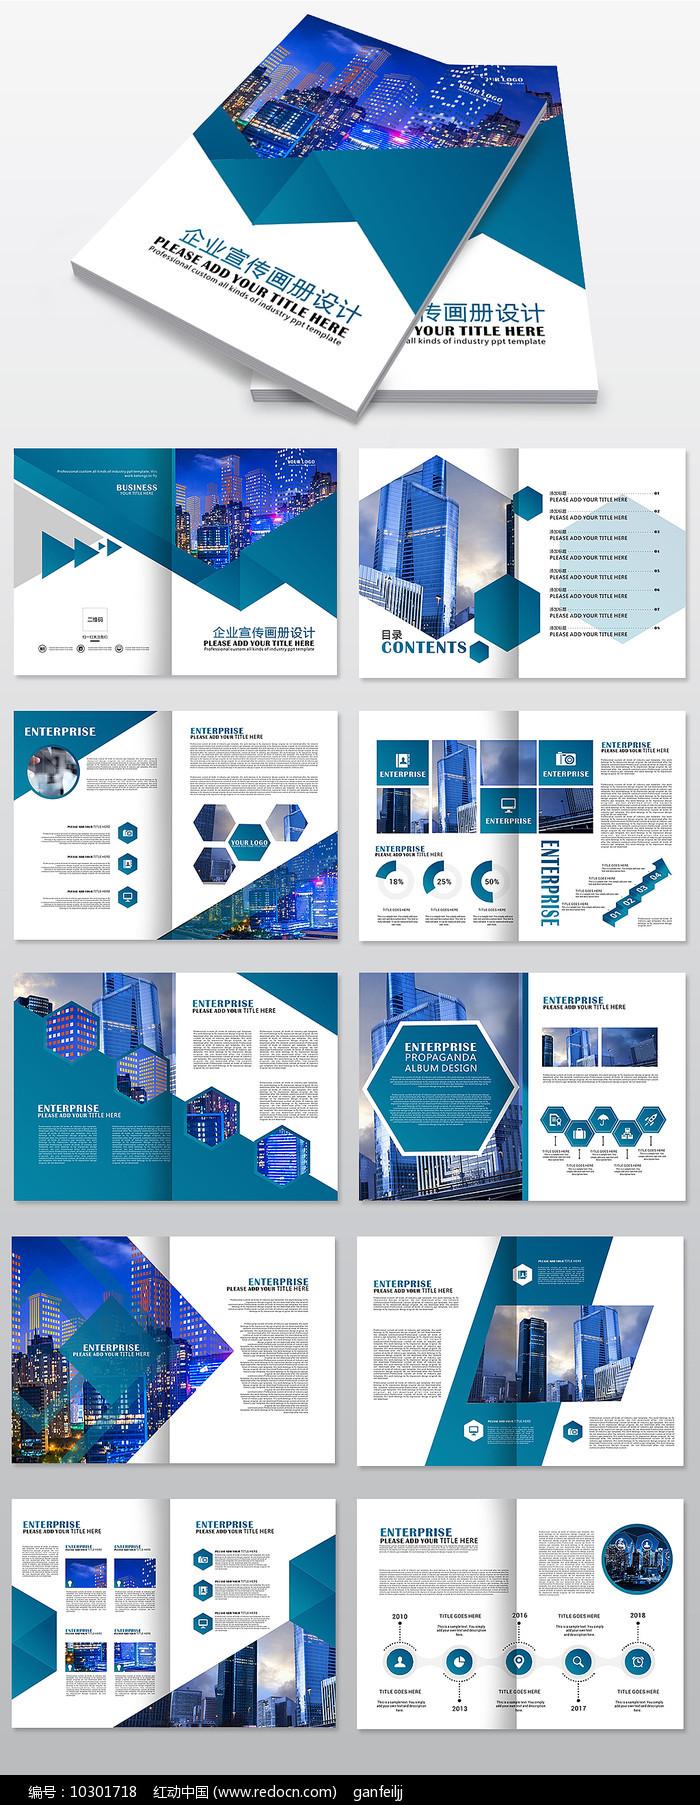 时尚创意蓝色科技公司宣传册企业画册设计图片